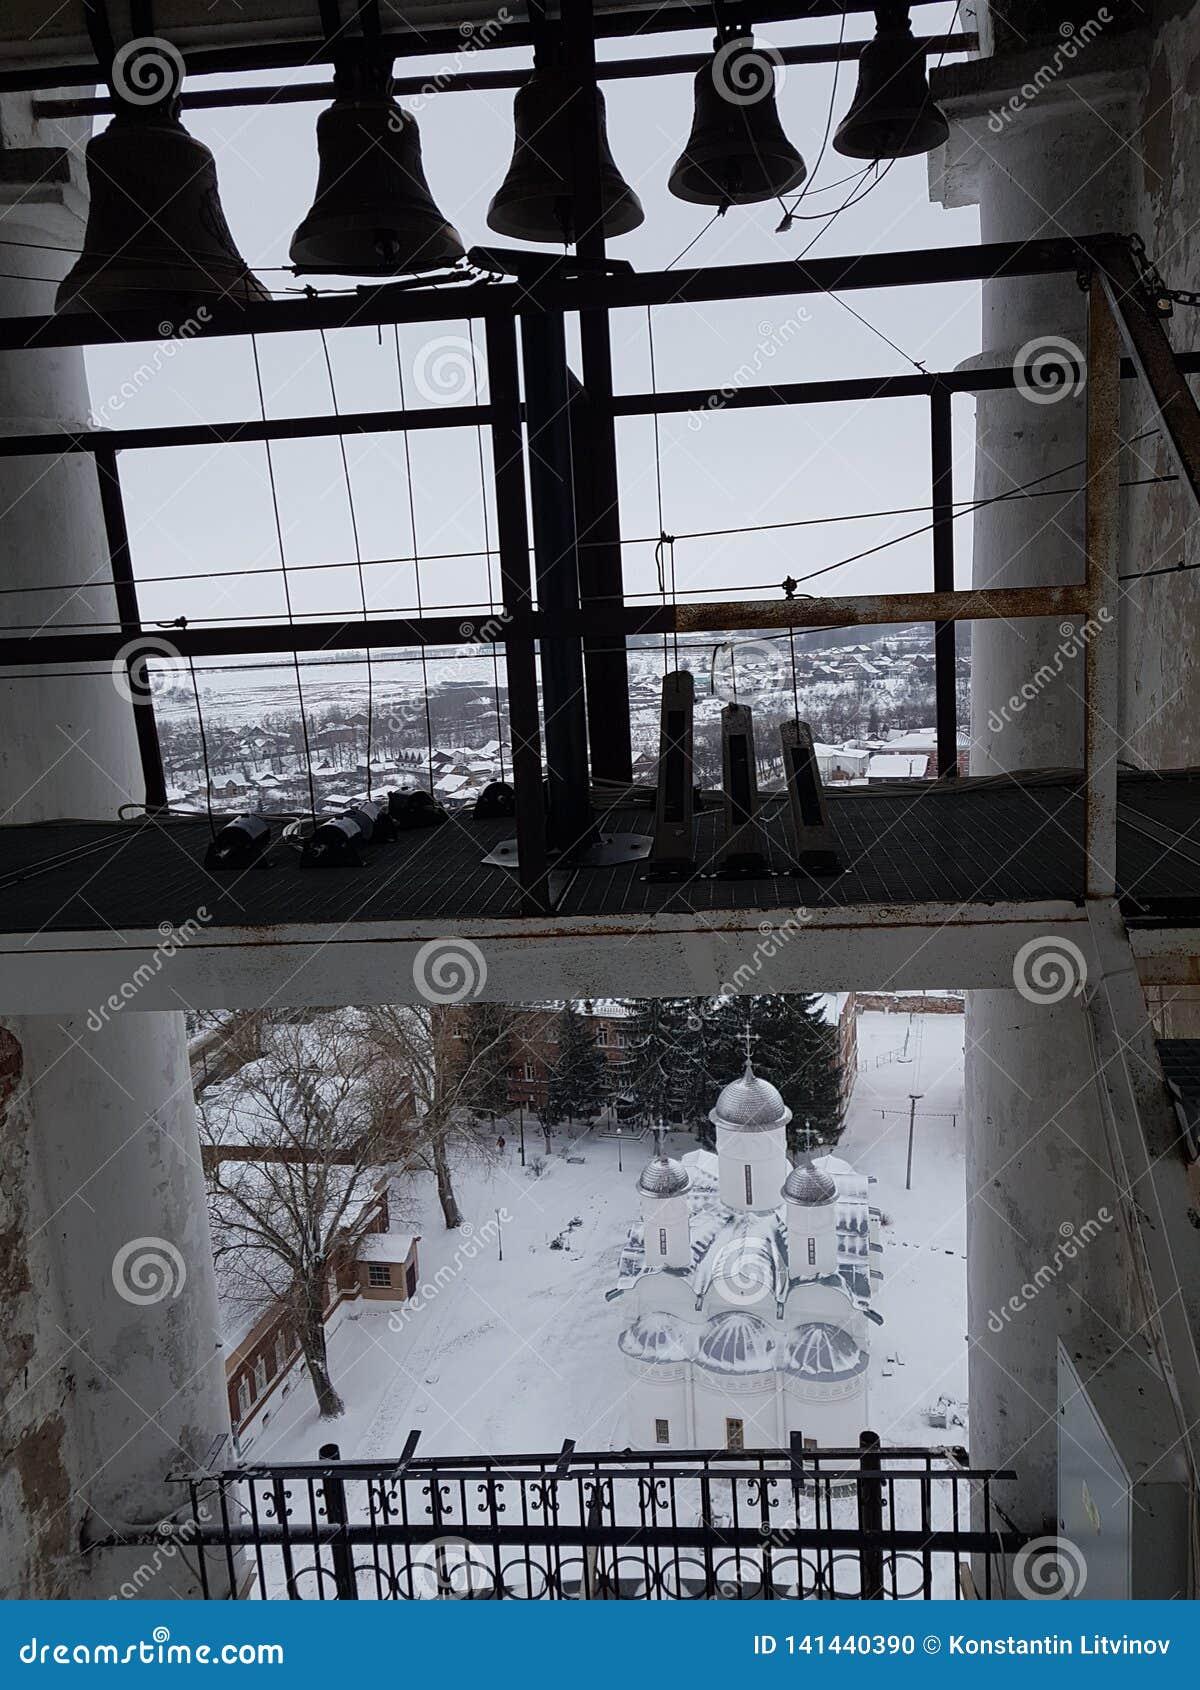 Διάφορα διαφορετικά -διαφορετικός-caliber κουδούνια στον πύργο κουδουνιών Prepodobenskaya του rizopolozhensky μοναστηριού Σούζντα